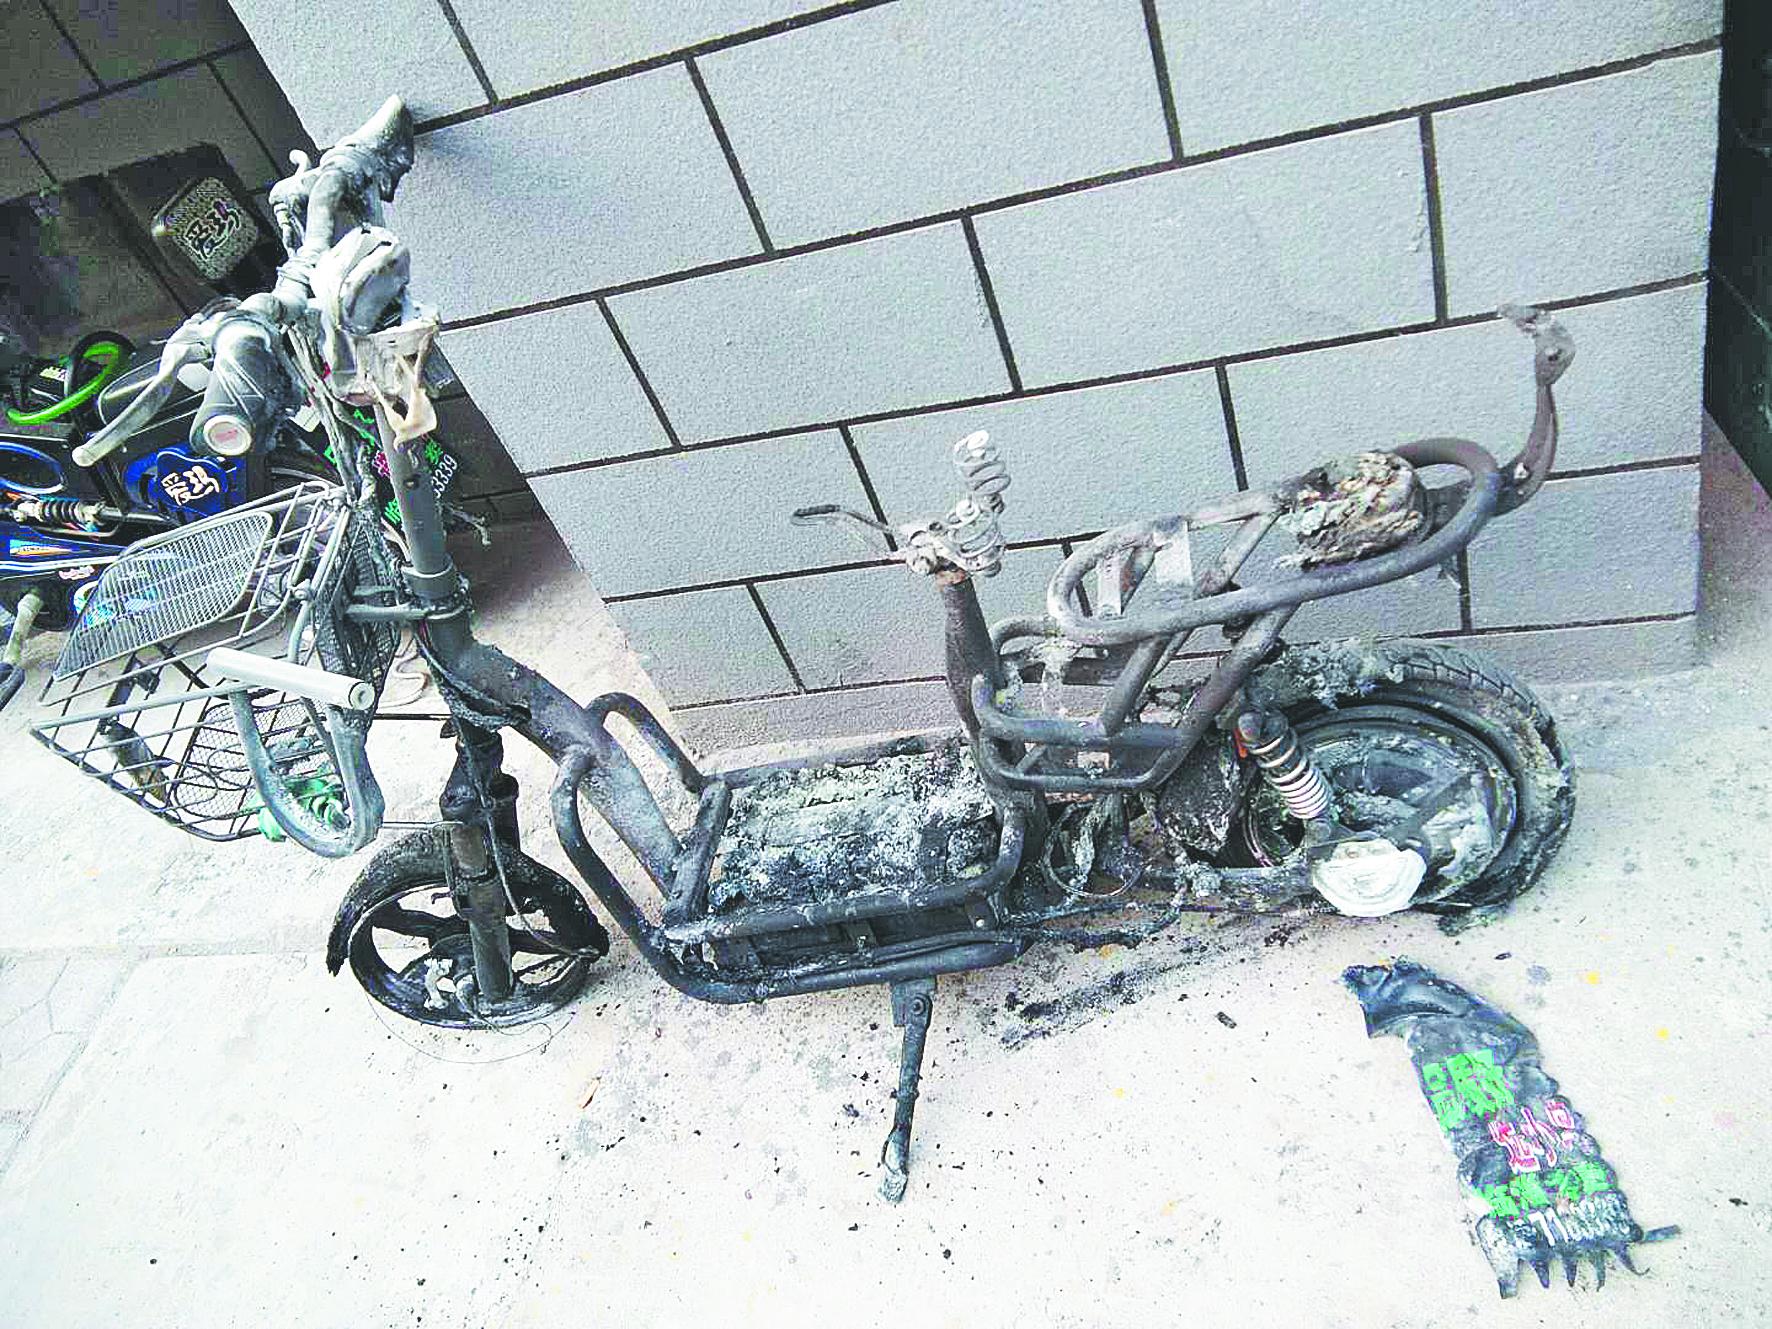 太可怕!深夜电动车突然爆炸起火 事发淄博一小区!